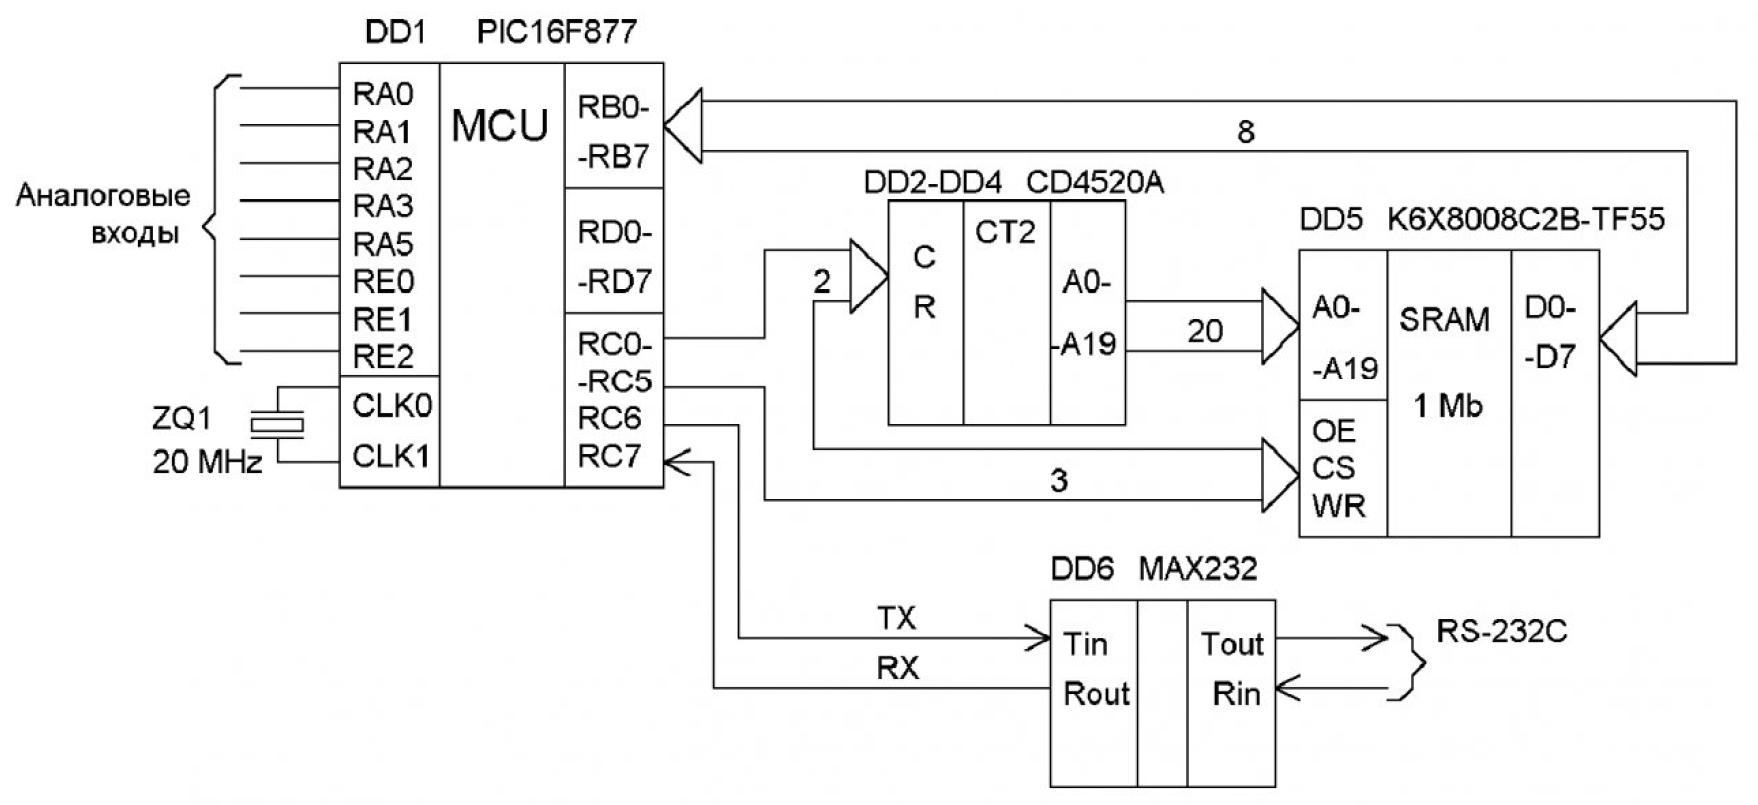 Разработка микропроцессорных устройств для первичной обработки информации с геофизических датчиков 3